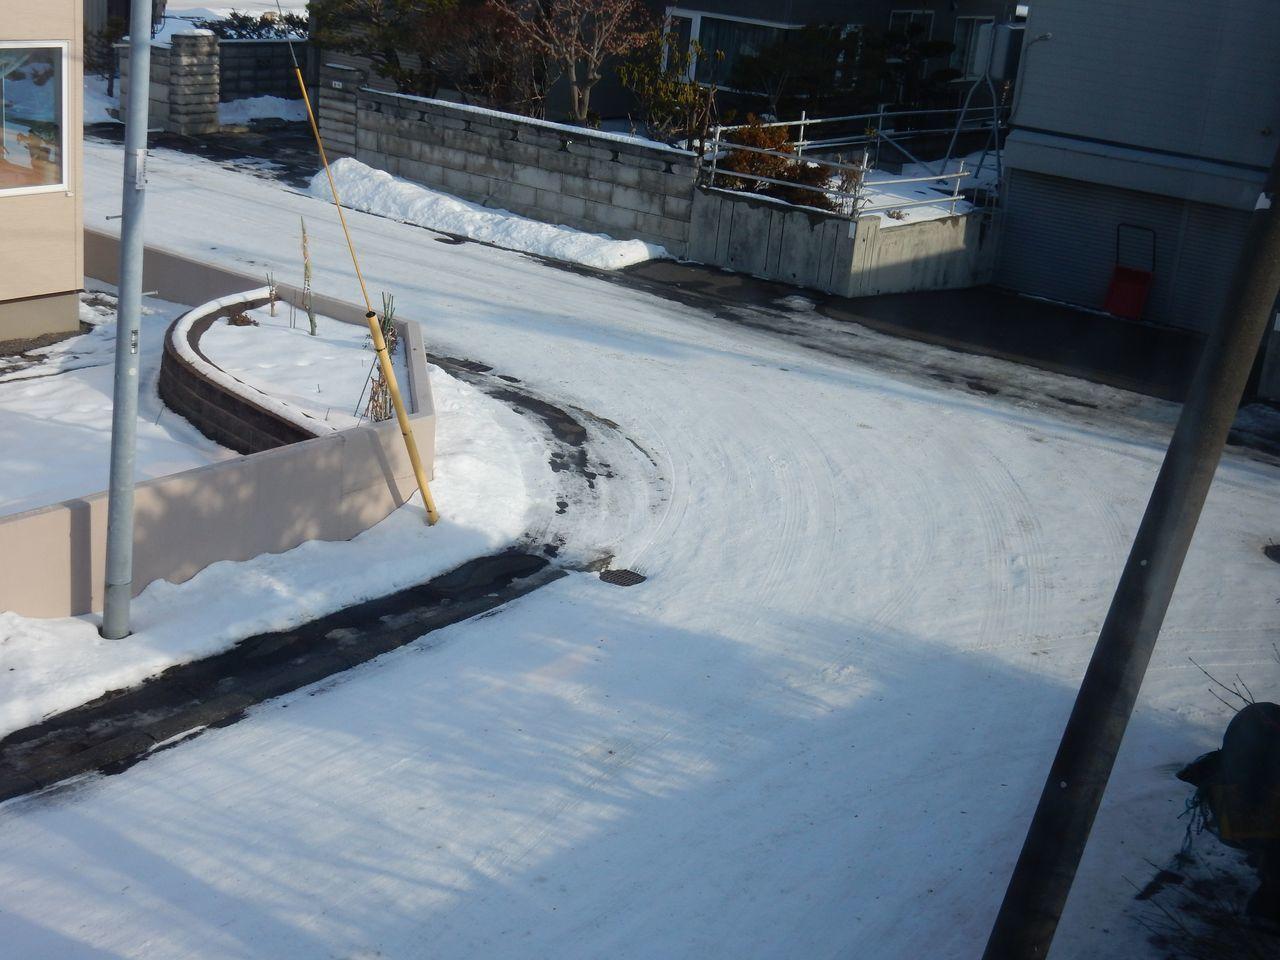 夜になっても気温は上がり積雪は2センチまで下がる_c0025115_22550132.jpg